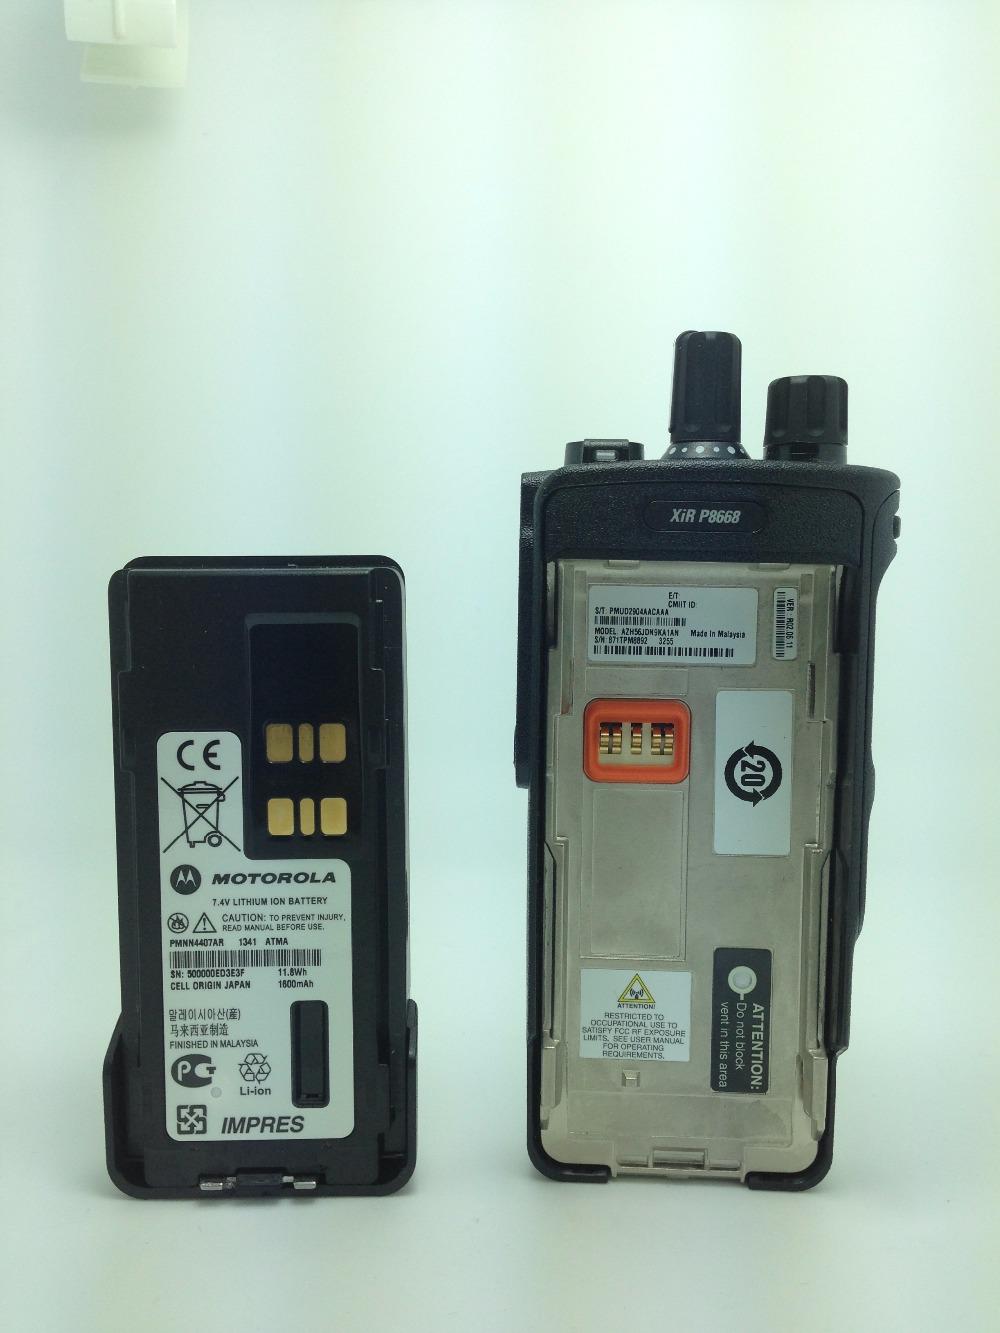 portable walkie talkie dual band xir p8668 motorola two way radio rh aliexpress com motorola xir p8668 service manual Motorola Radios